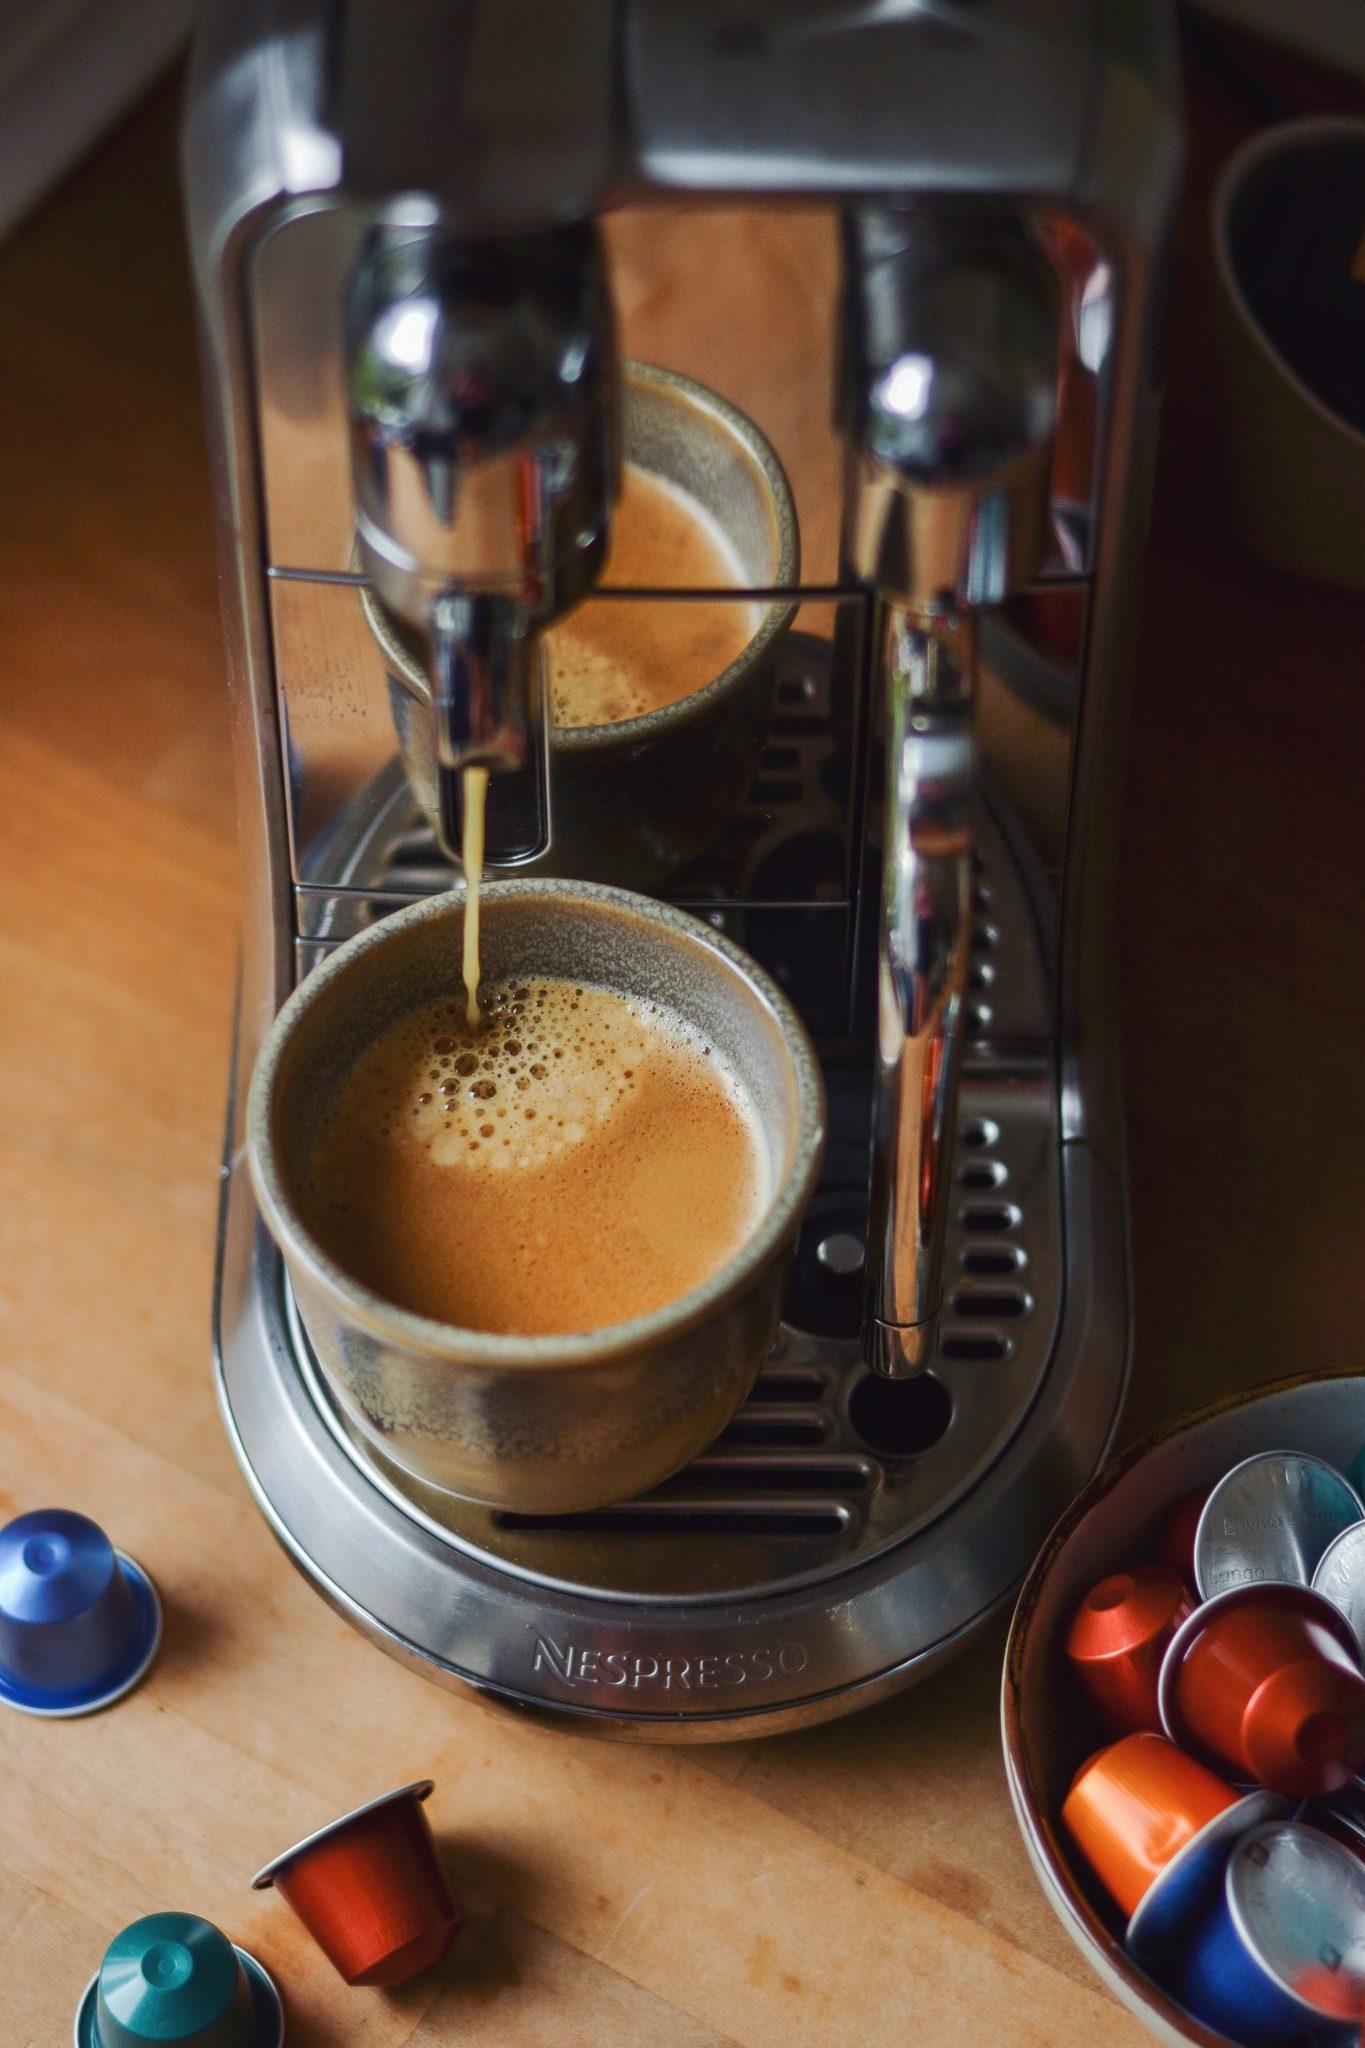 Nespresso breakfast club fødselsdagsbrunch køleskabsgrød med kaffe